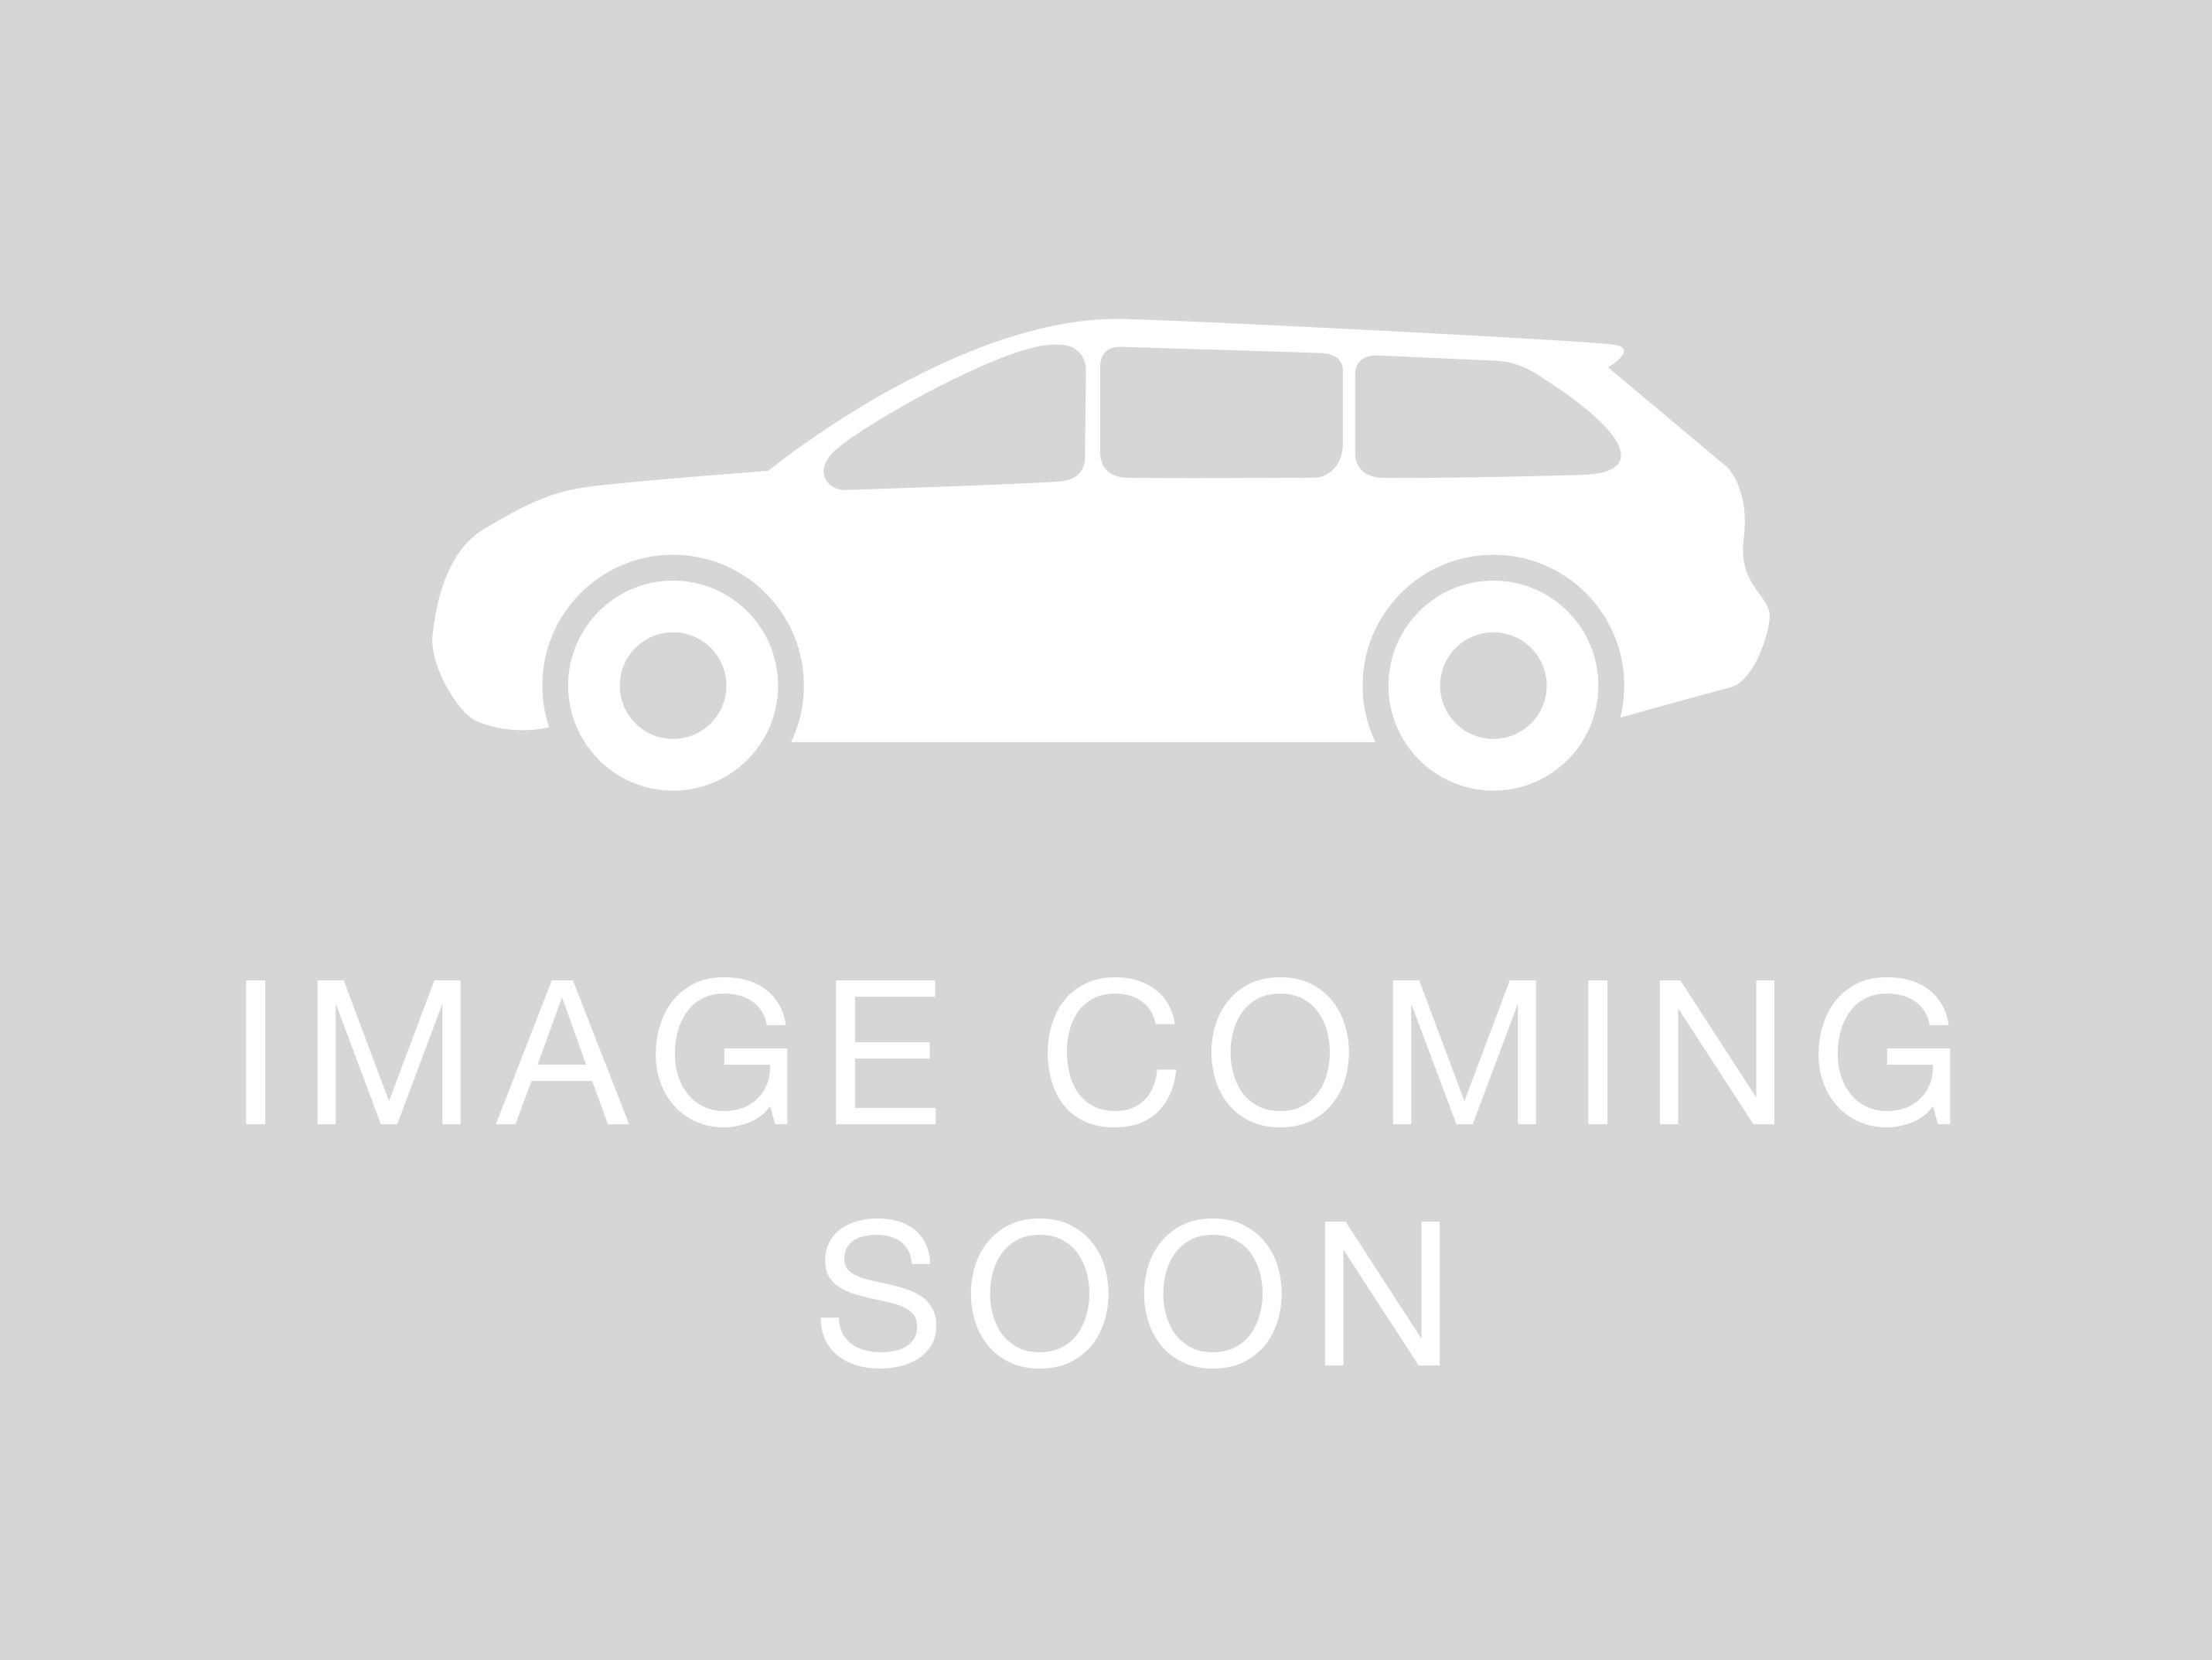 2014 Kia Sorento. Asking Price $ 33,990 ORC Included